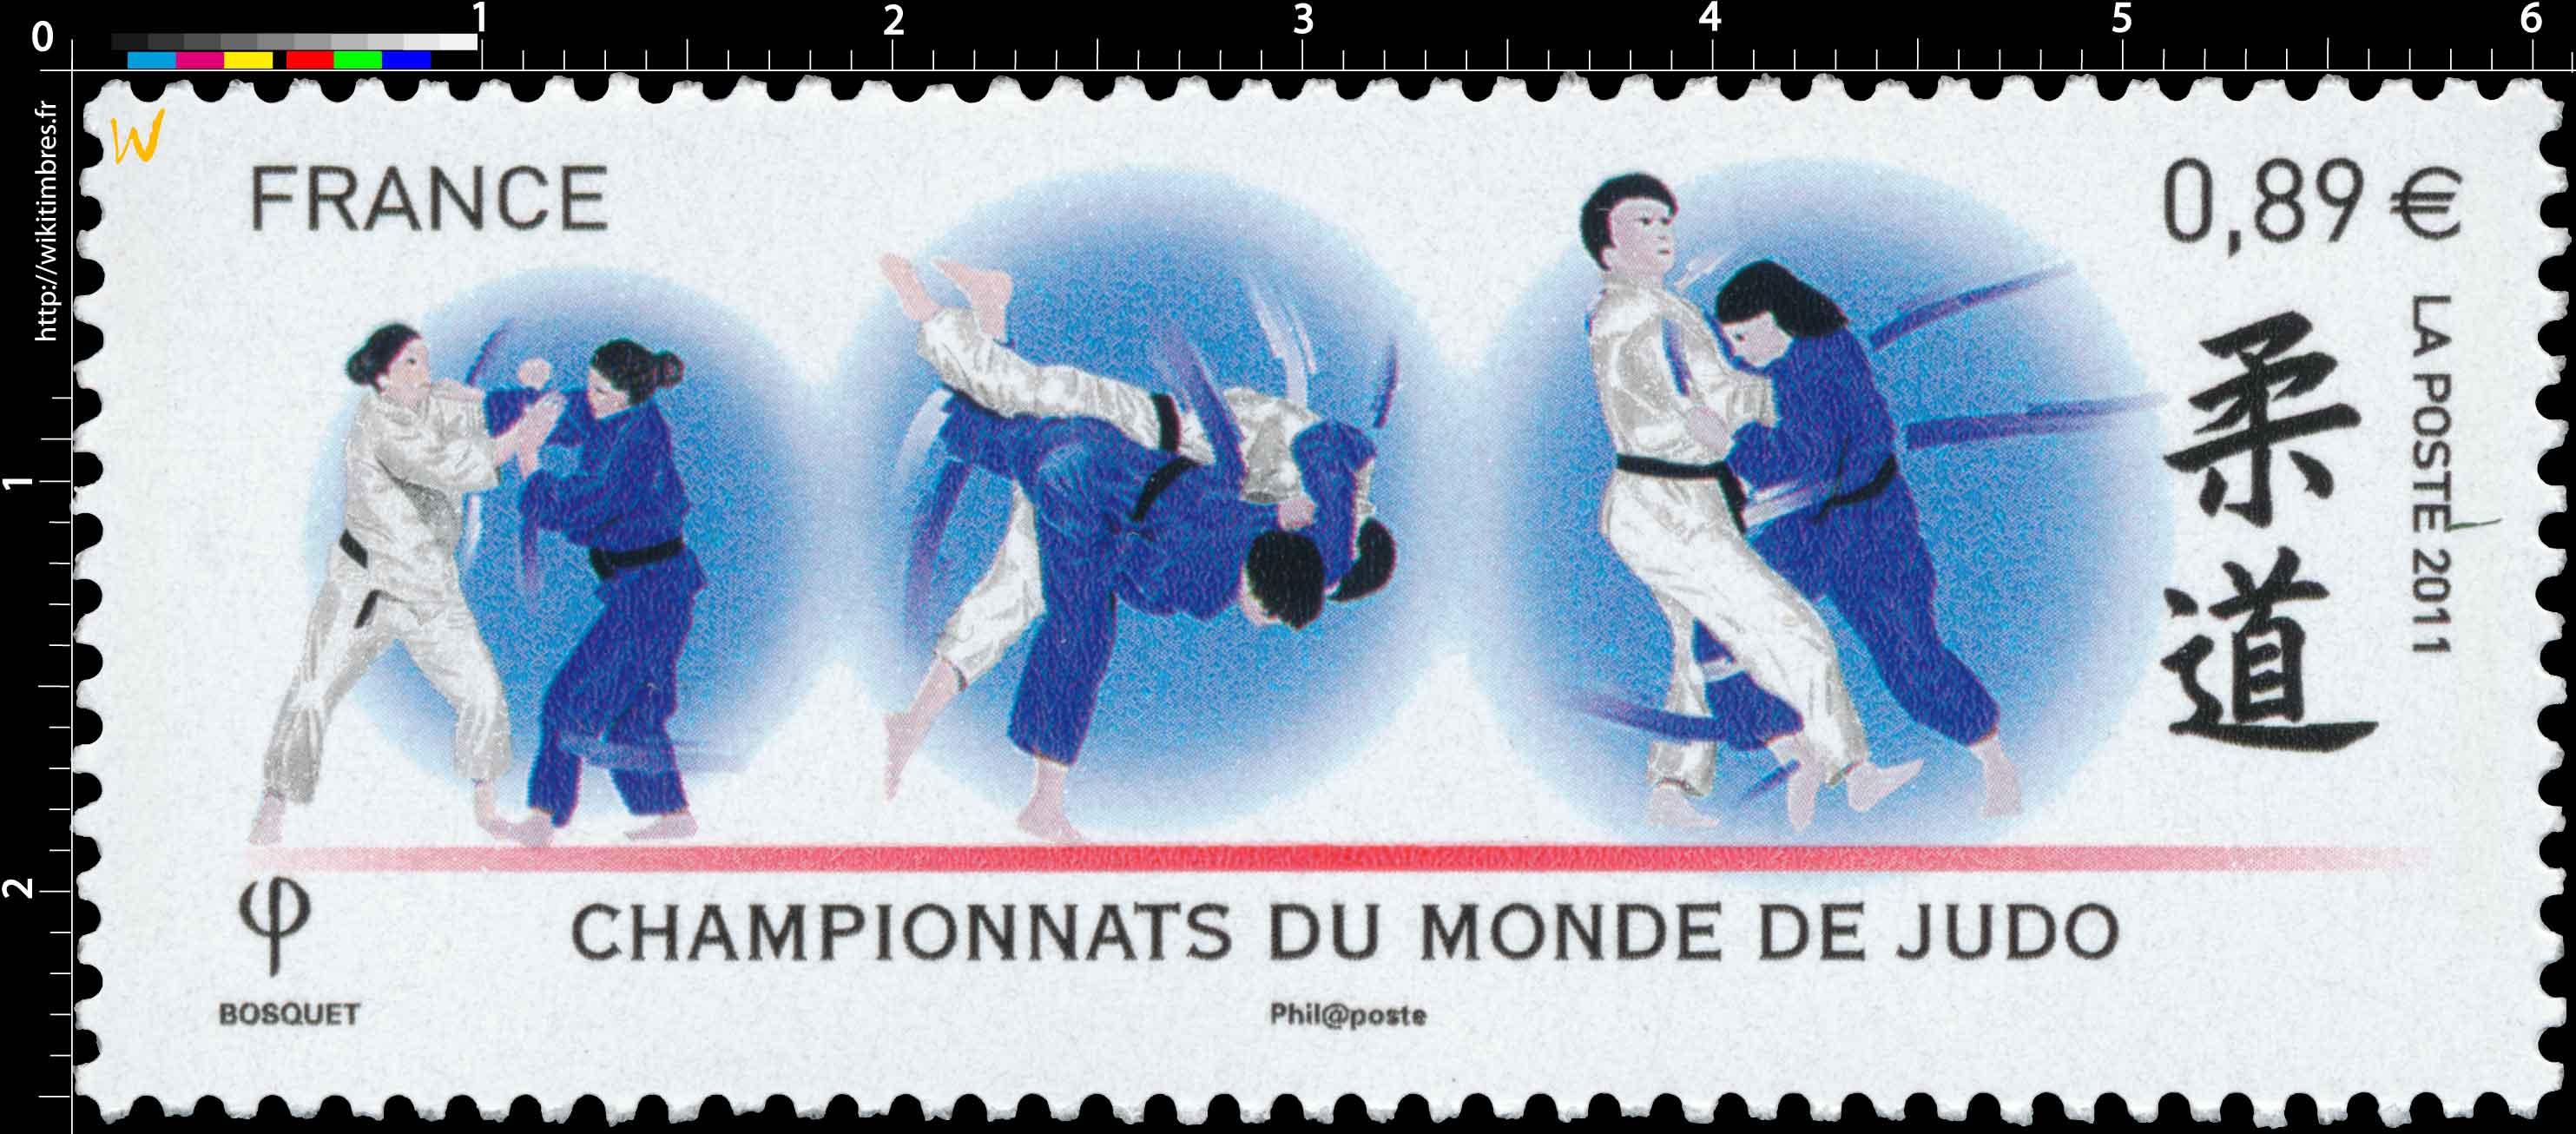 2011 Championnats du monde de judo